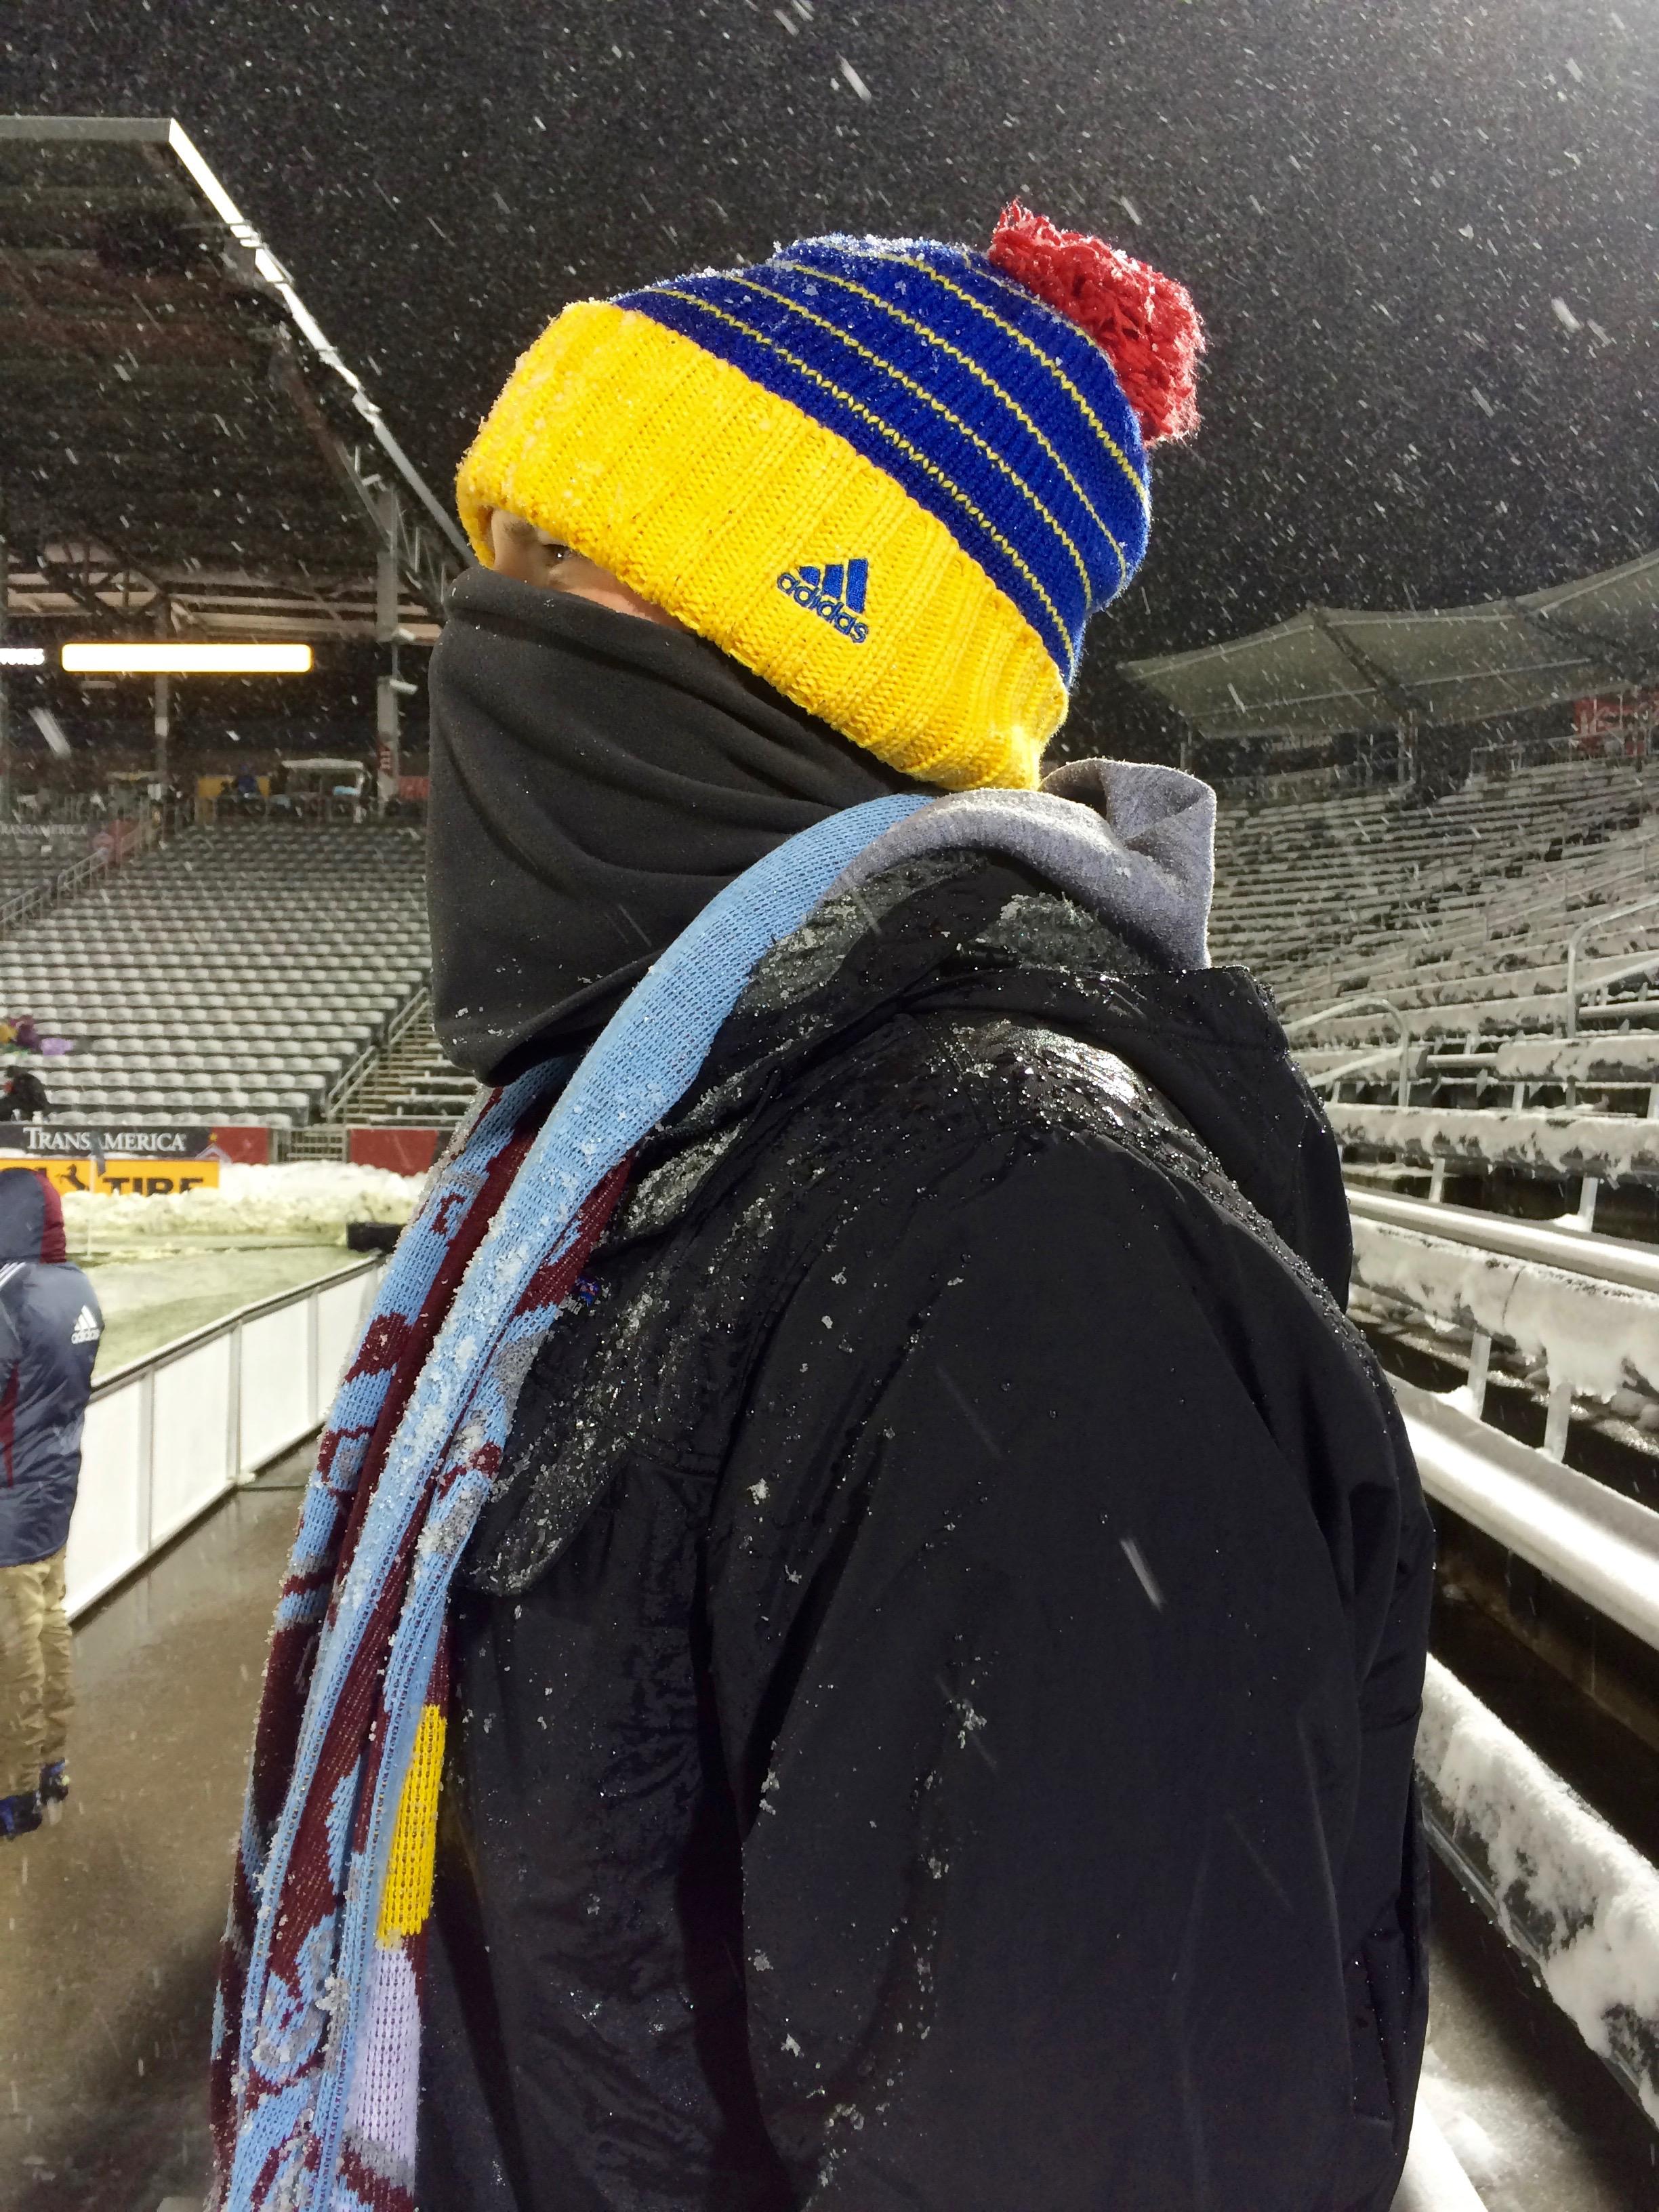 It was cold. Super cold.